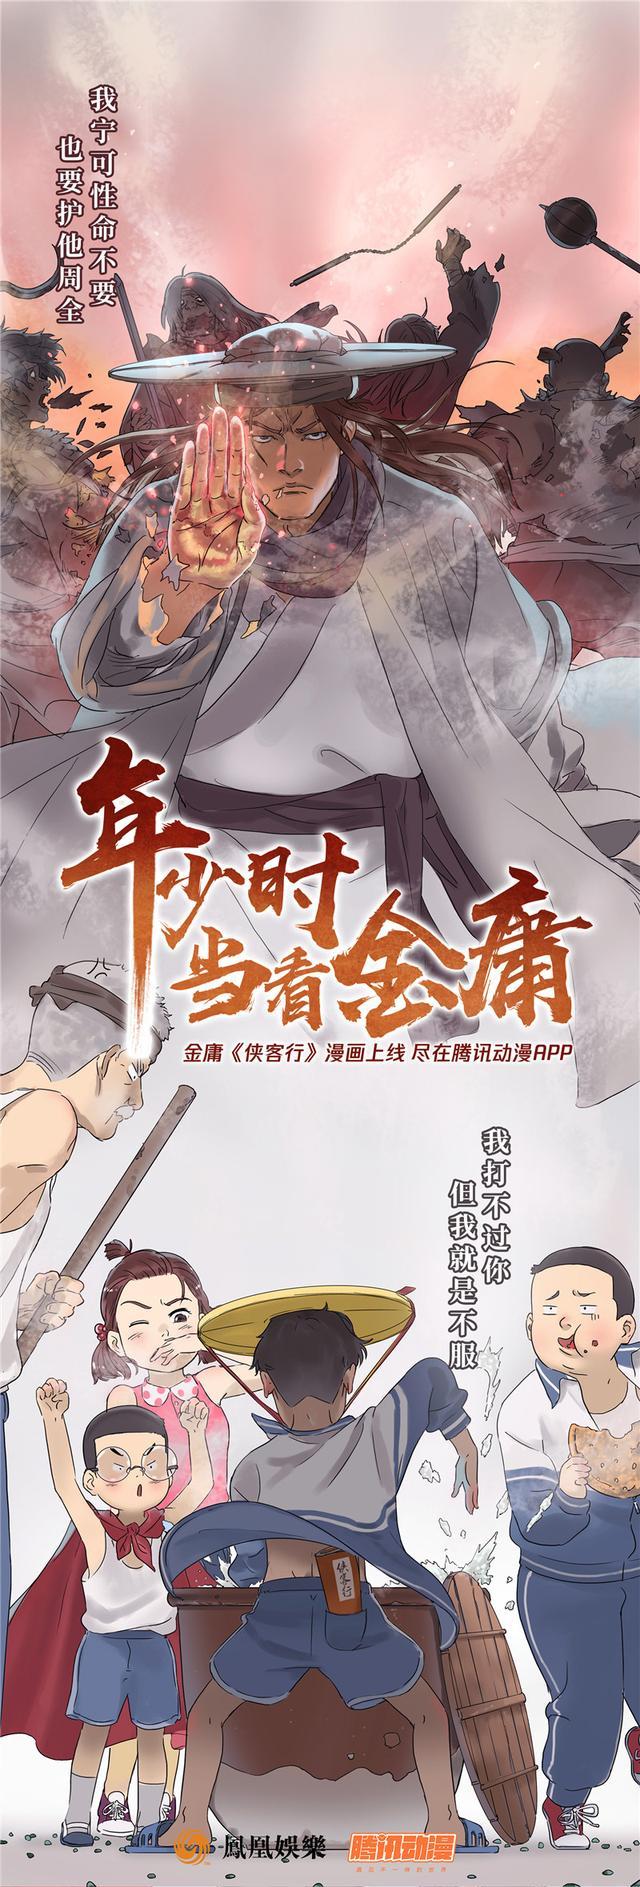 金庸漫画《侠客行》6月22日上线,武侠江湖风云再起